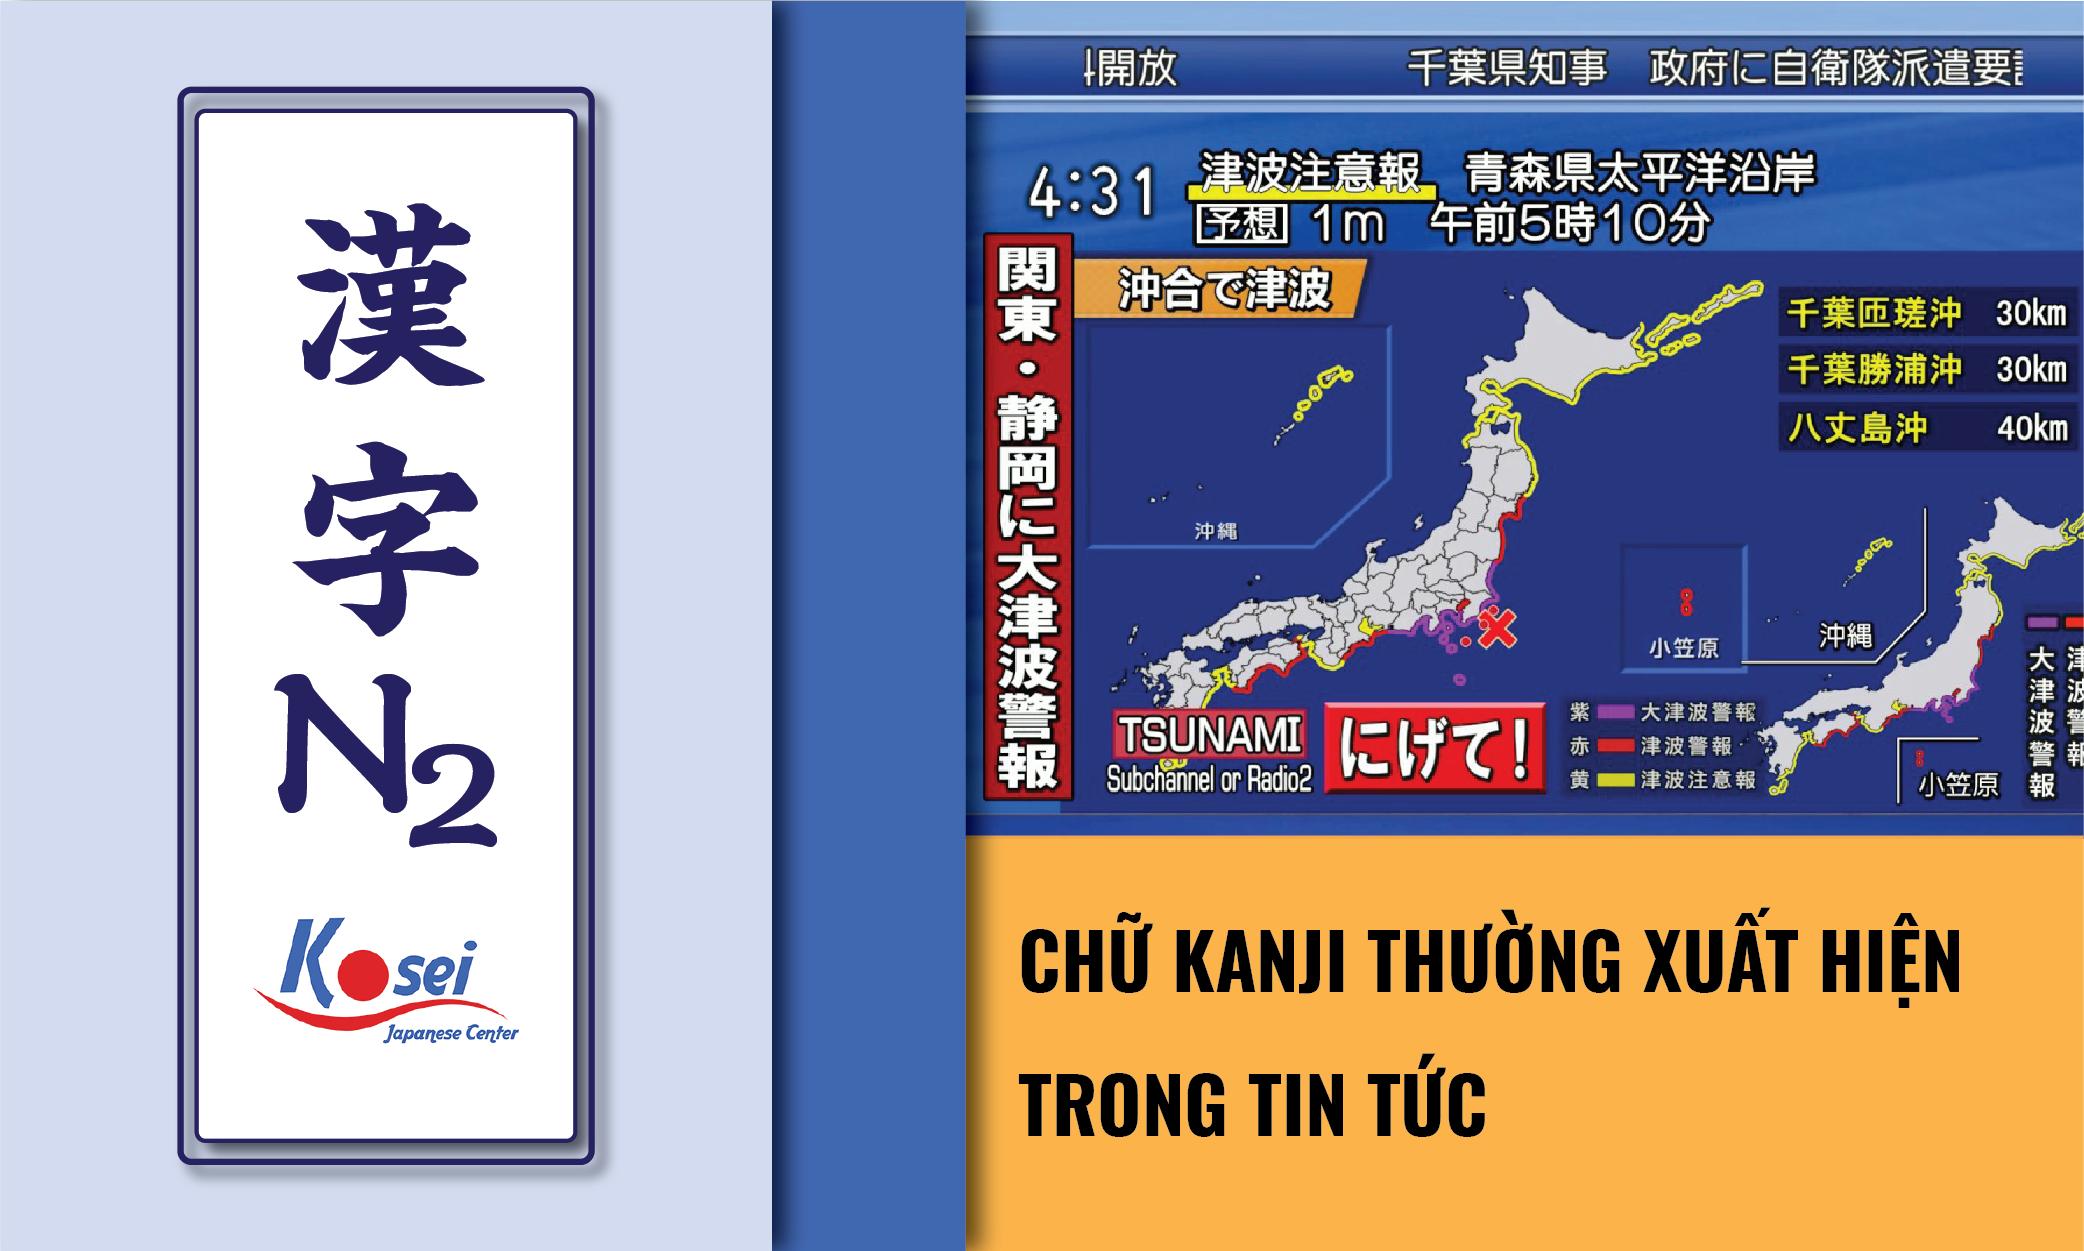 (Tổng hợp) Kanji N2: Các Kanji về Tin tức